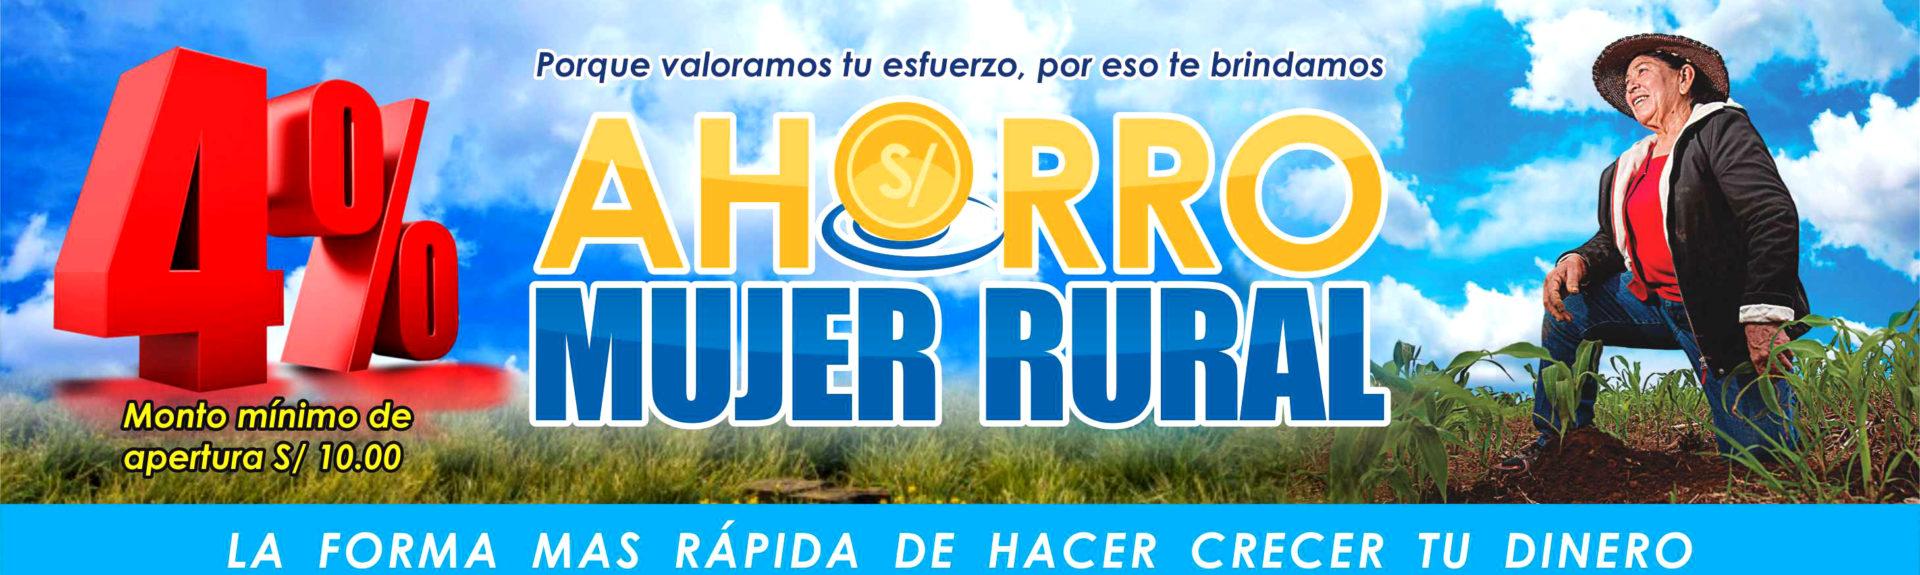 slider mujer rural